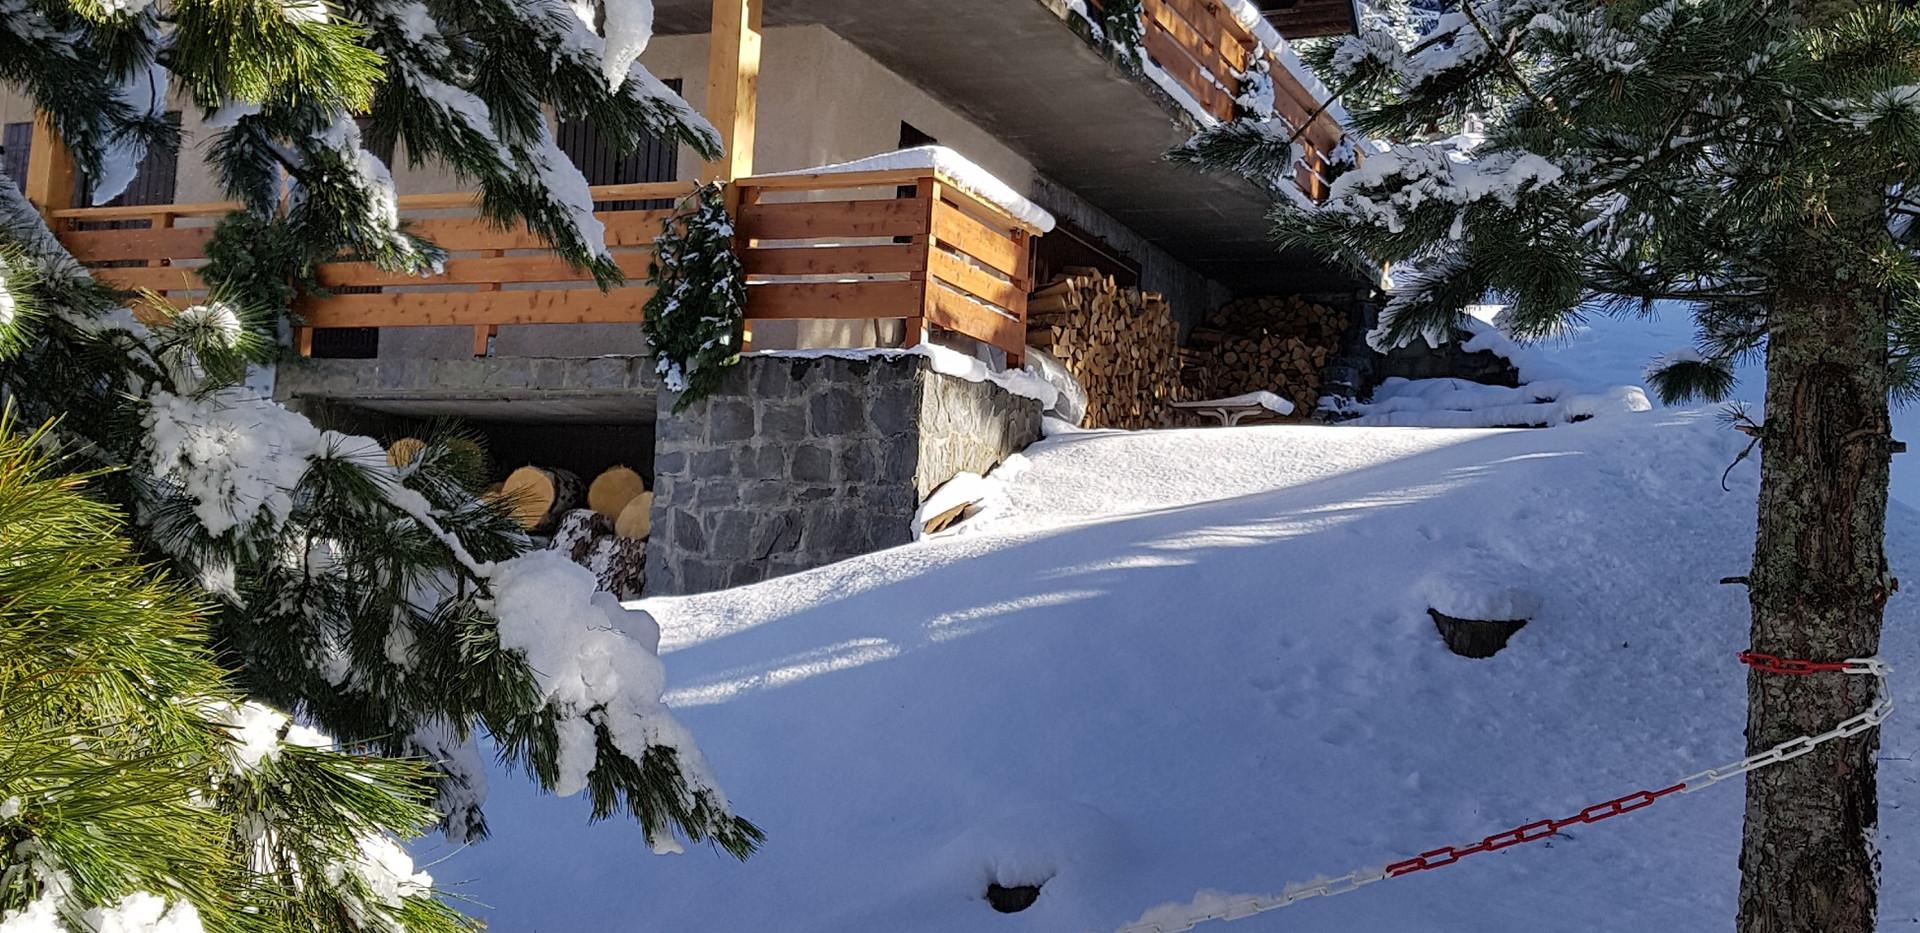 Entré.sorti ski.jpg